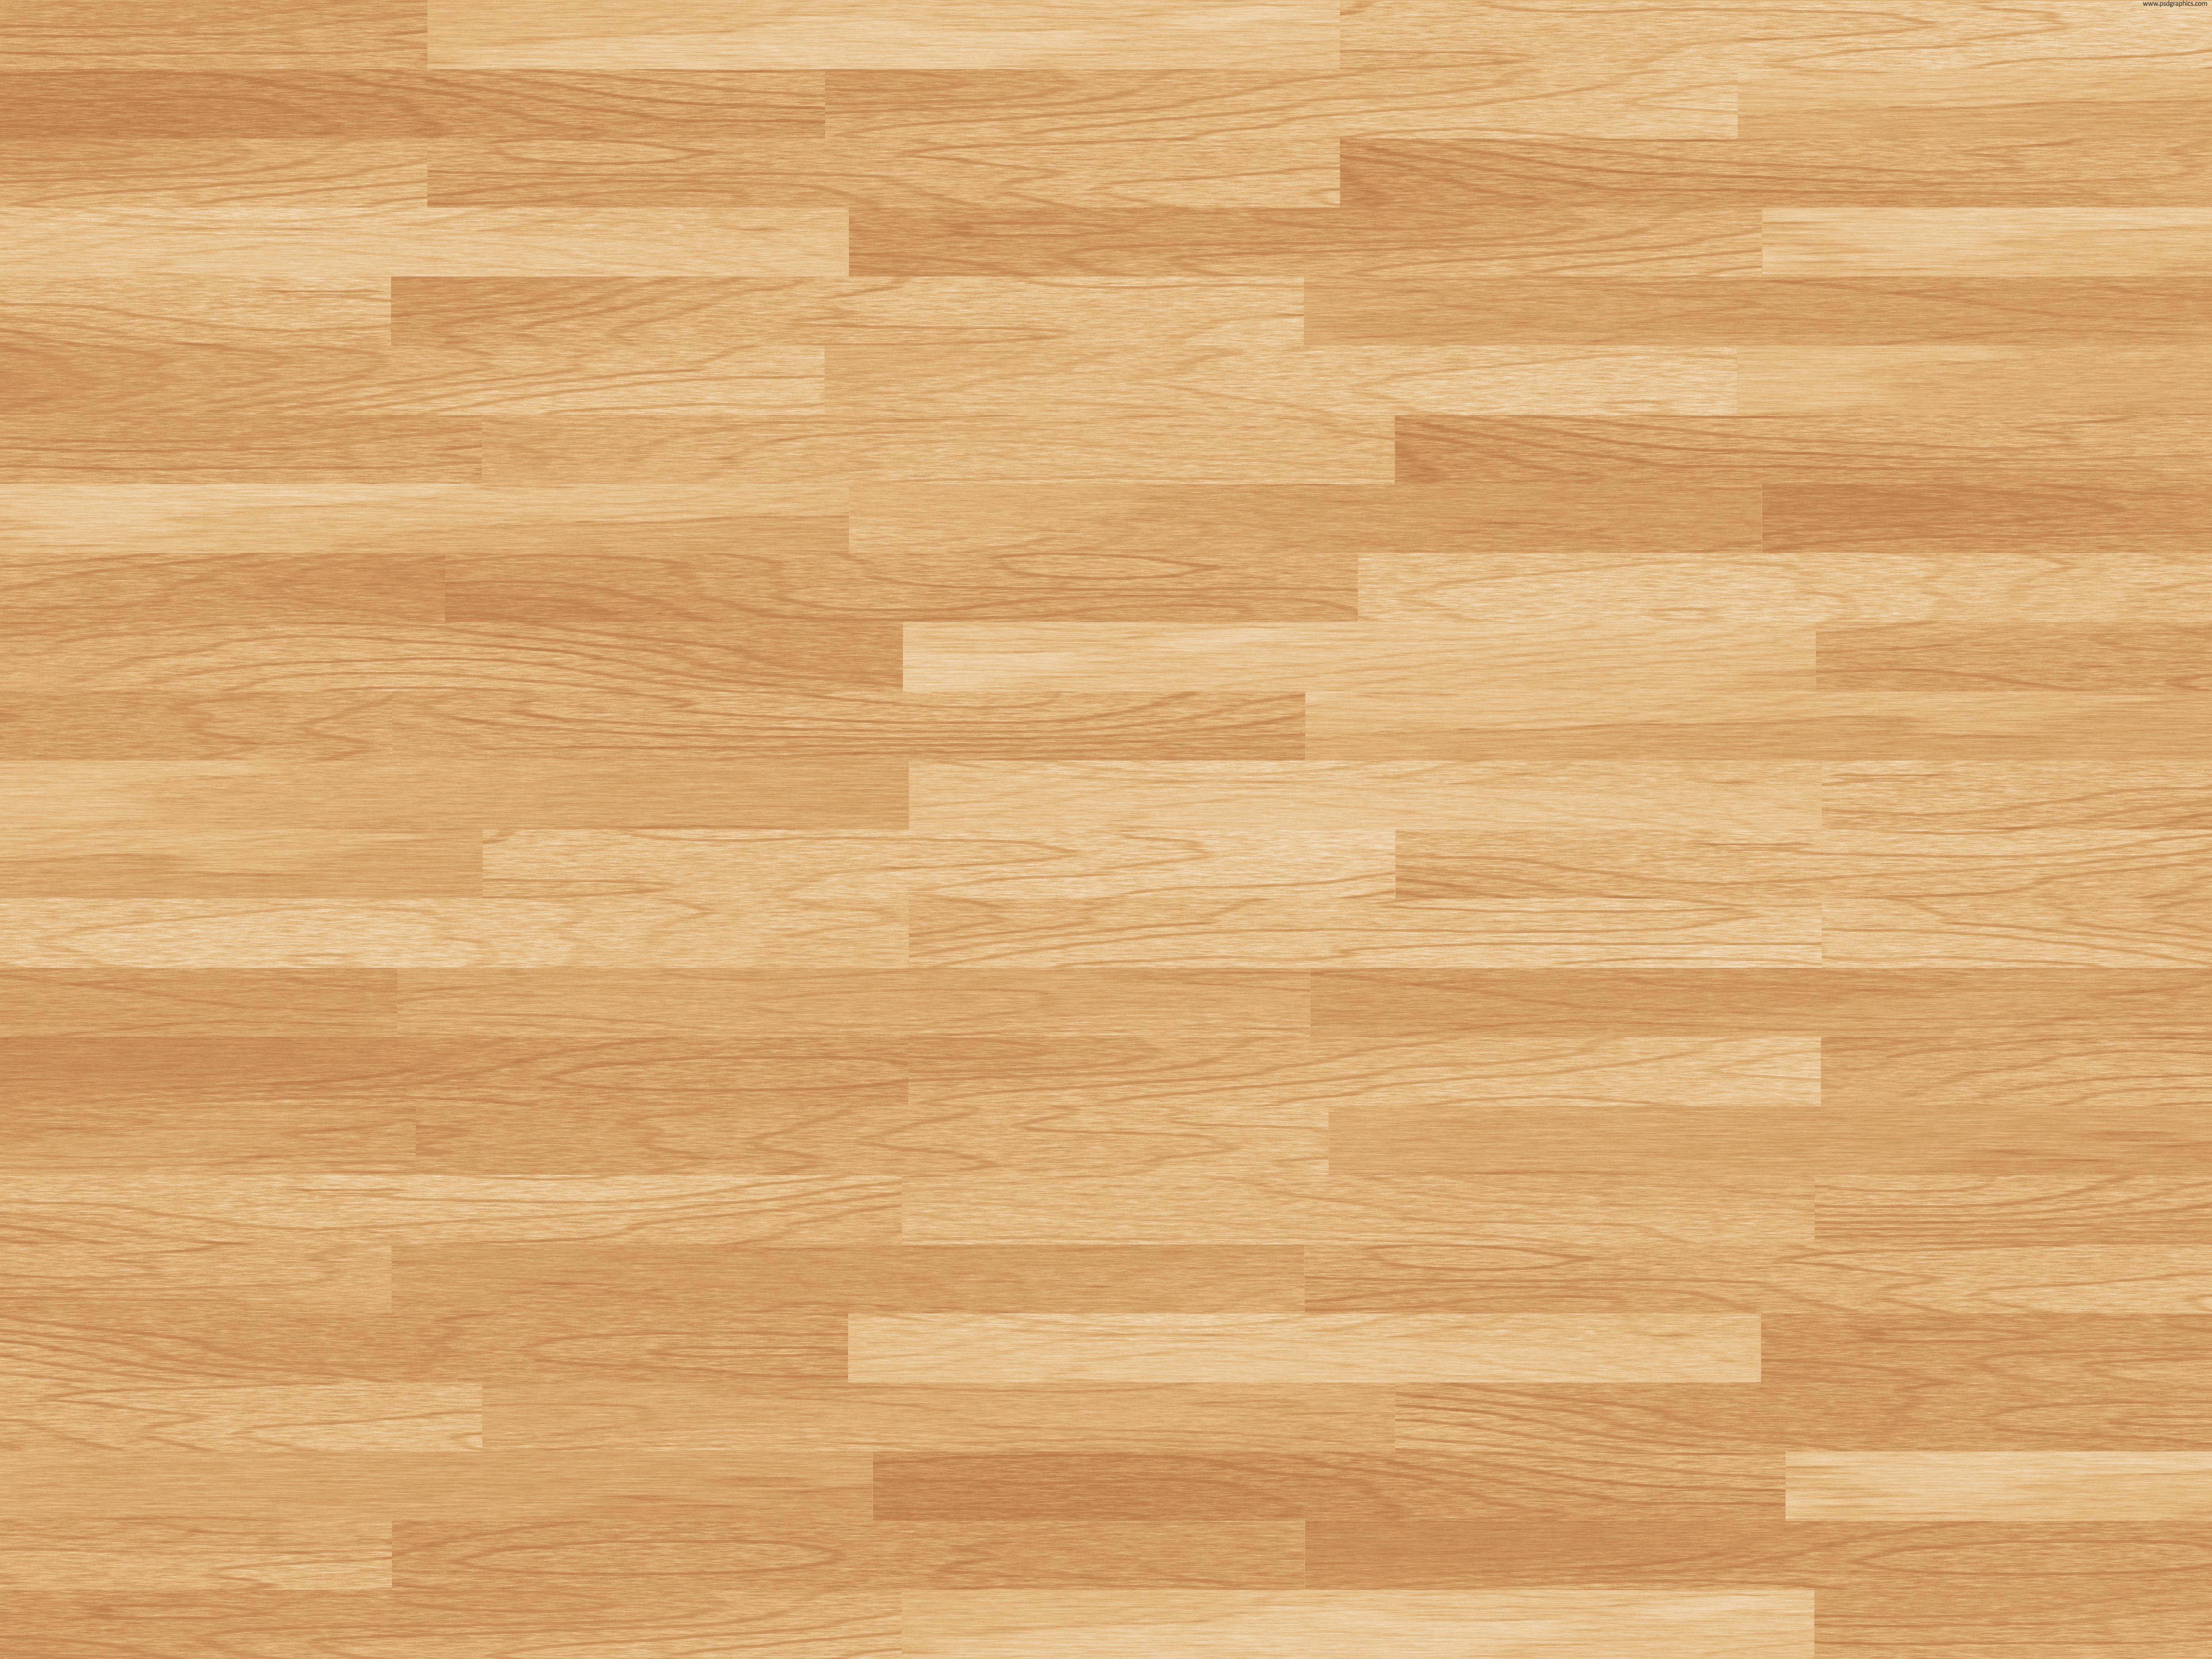 Wood Flooring Wallpaper - WallpaperSafari